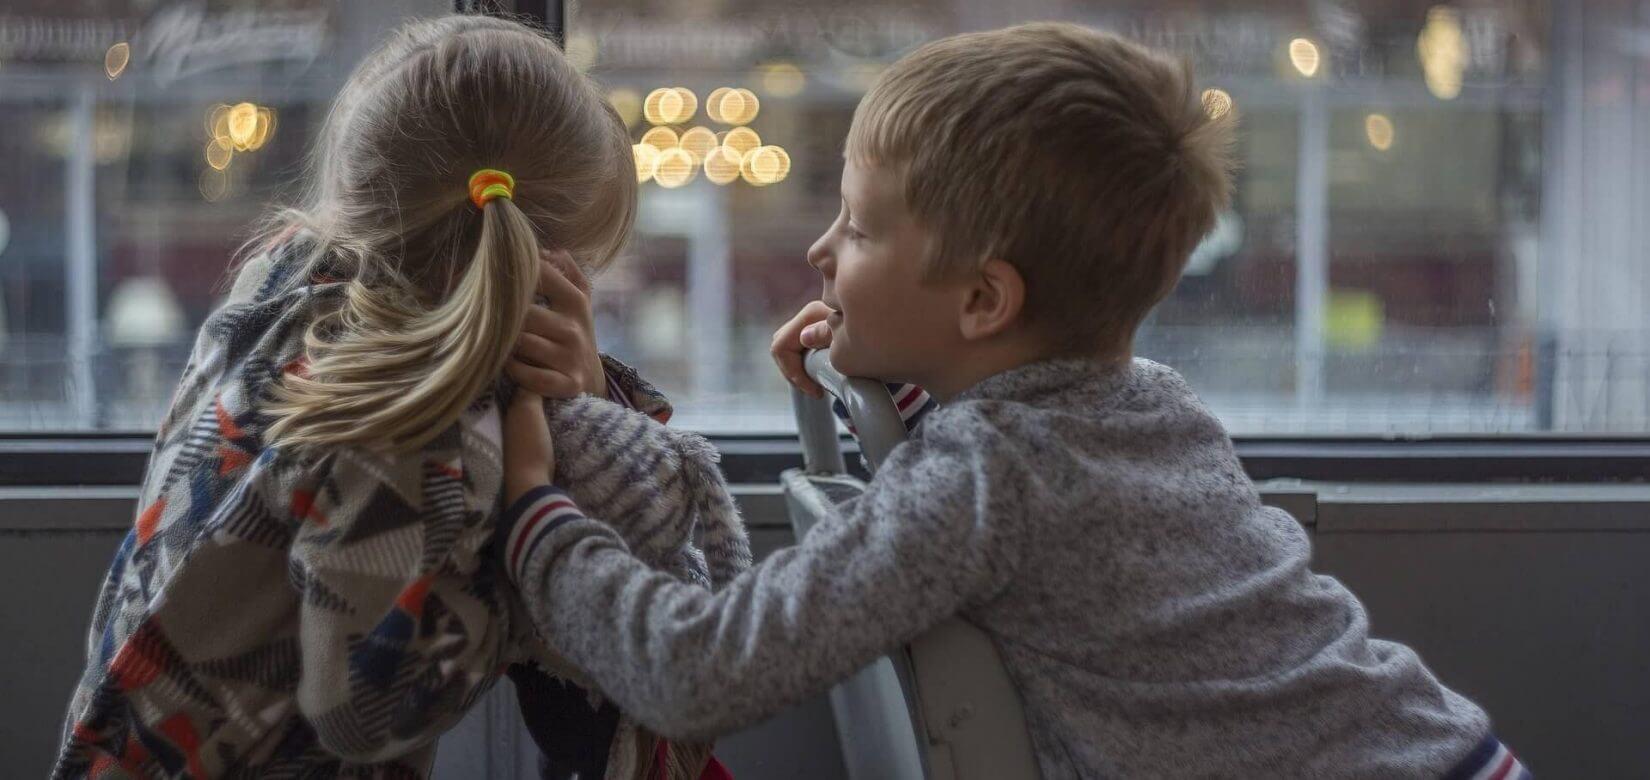 Κορονοϊός: Κάθε 12 δευτερόλεπτα ένα παιδί μένει ορφανό